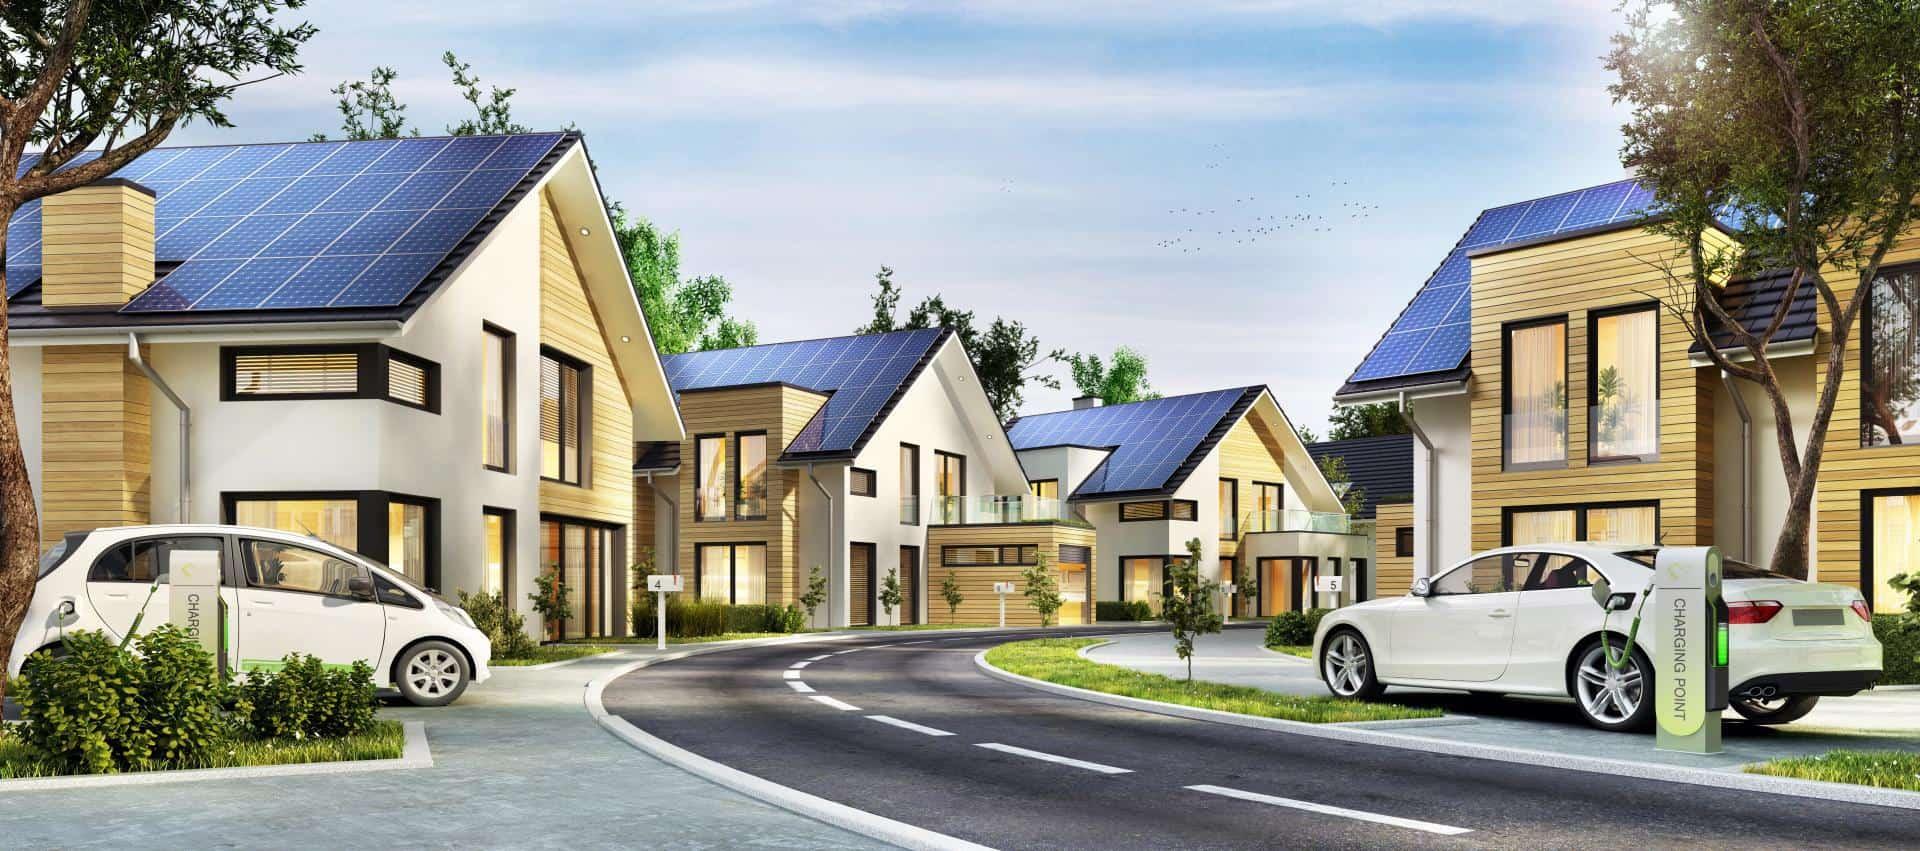 Elektromobilität – Herausforderungen und Chancen für die Wohnungswirtschaft